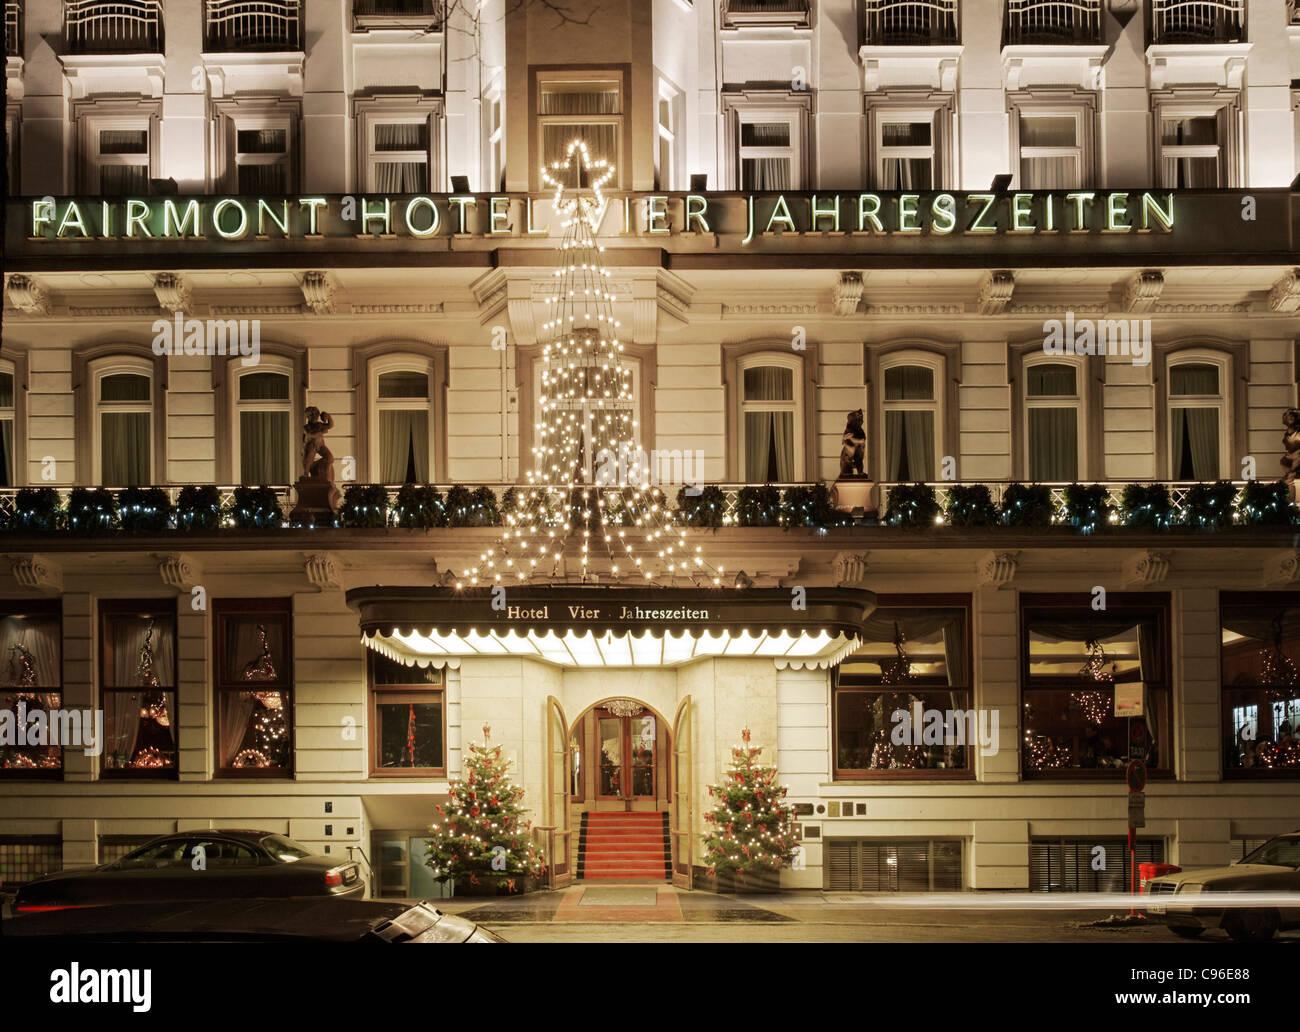 Fassade Des 5 Sterne Fairmont Hotel Vier Jahreszeiten Ballindamm